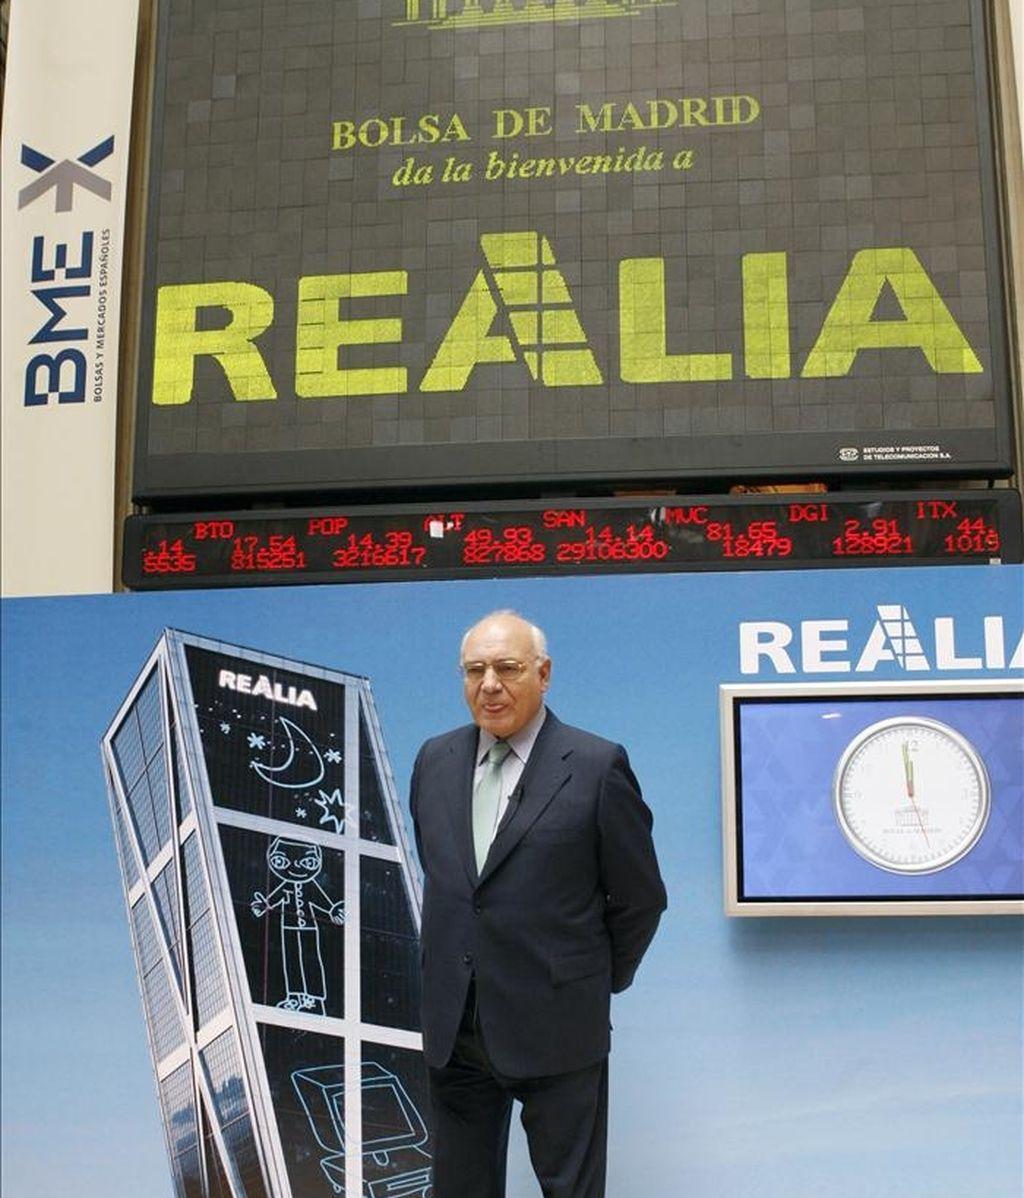 El presidente de Realia, Ignacio Bayón, posó para los medios de comunicación, tras el tradicional toque de campana virtual en la Bolsa de Madrid. EFE/Archivo